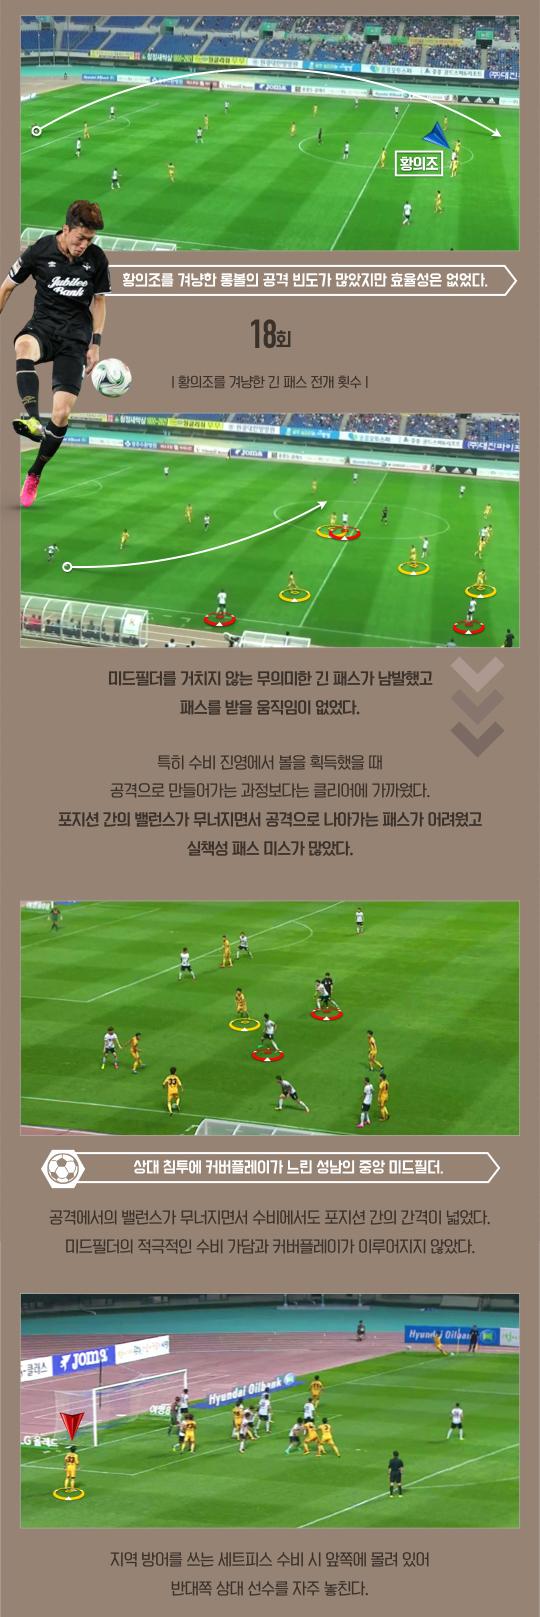 16R 성남전 프리뷰 5.jpg